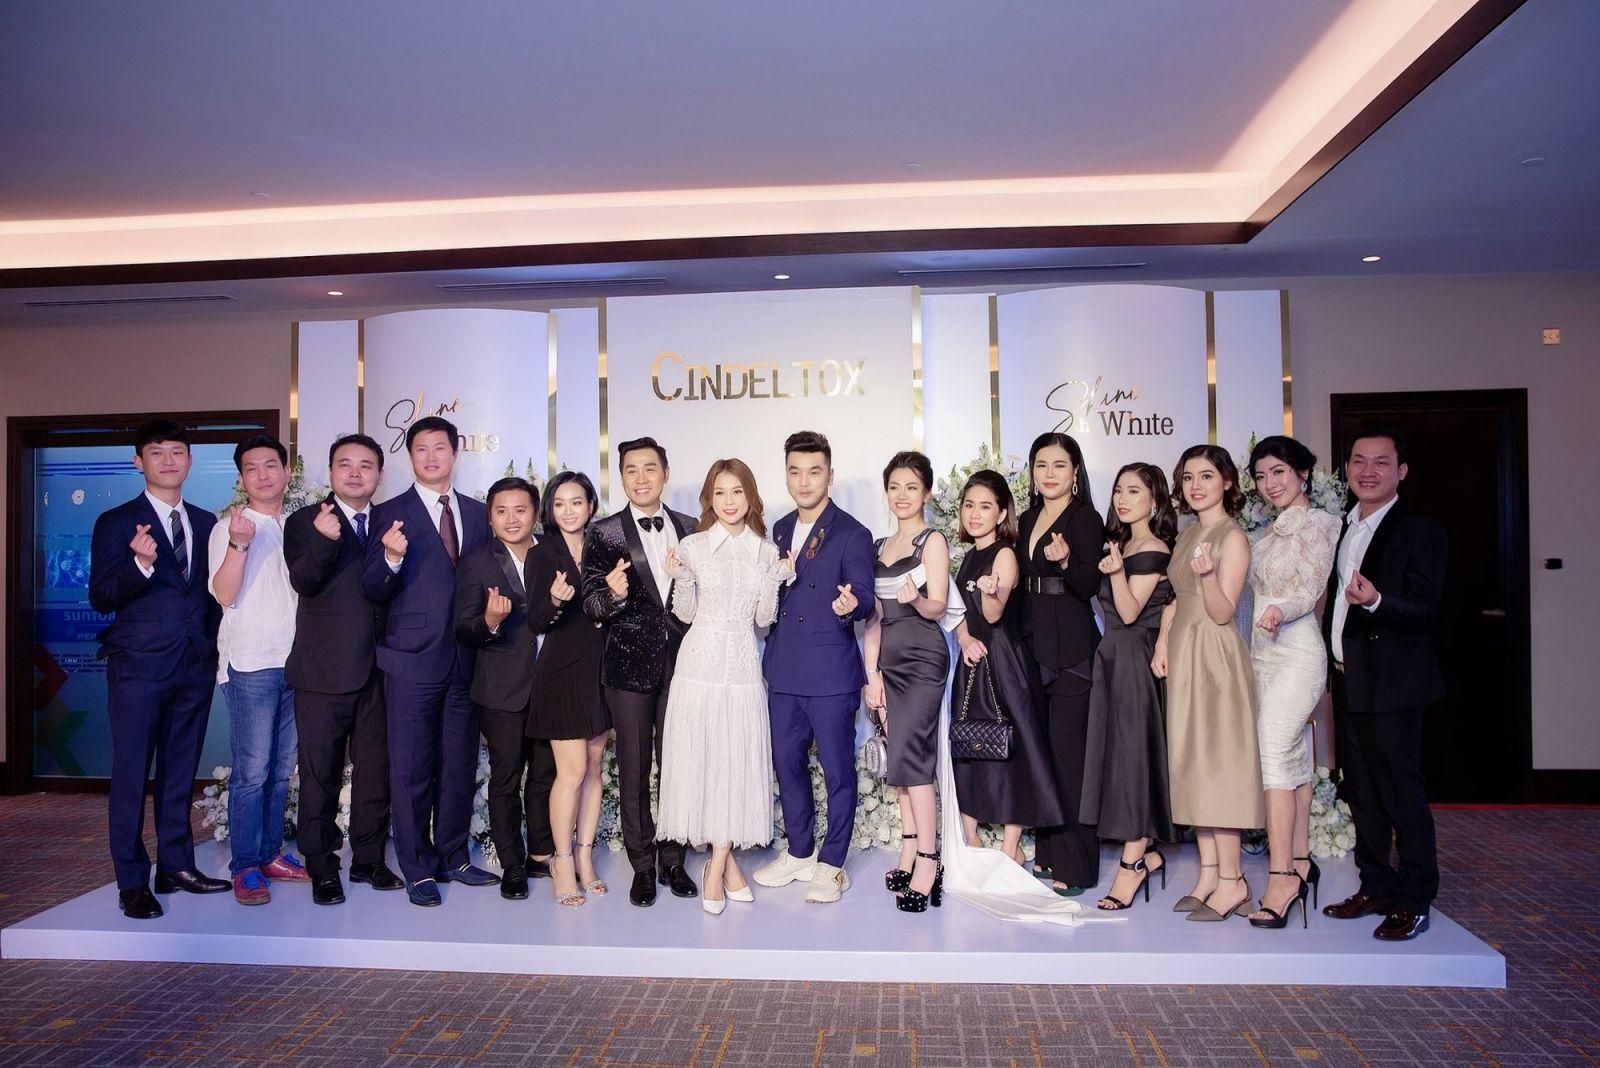 Thương hiệu Cindel Tox tổ chức sự kiện kỷ niệm 3 năm thành lập hoành tráng tại TP.HCM